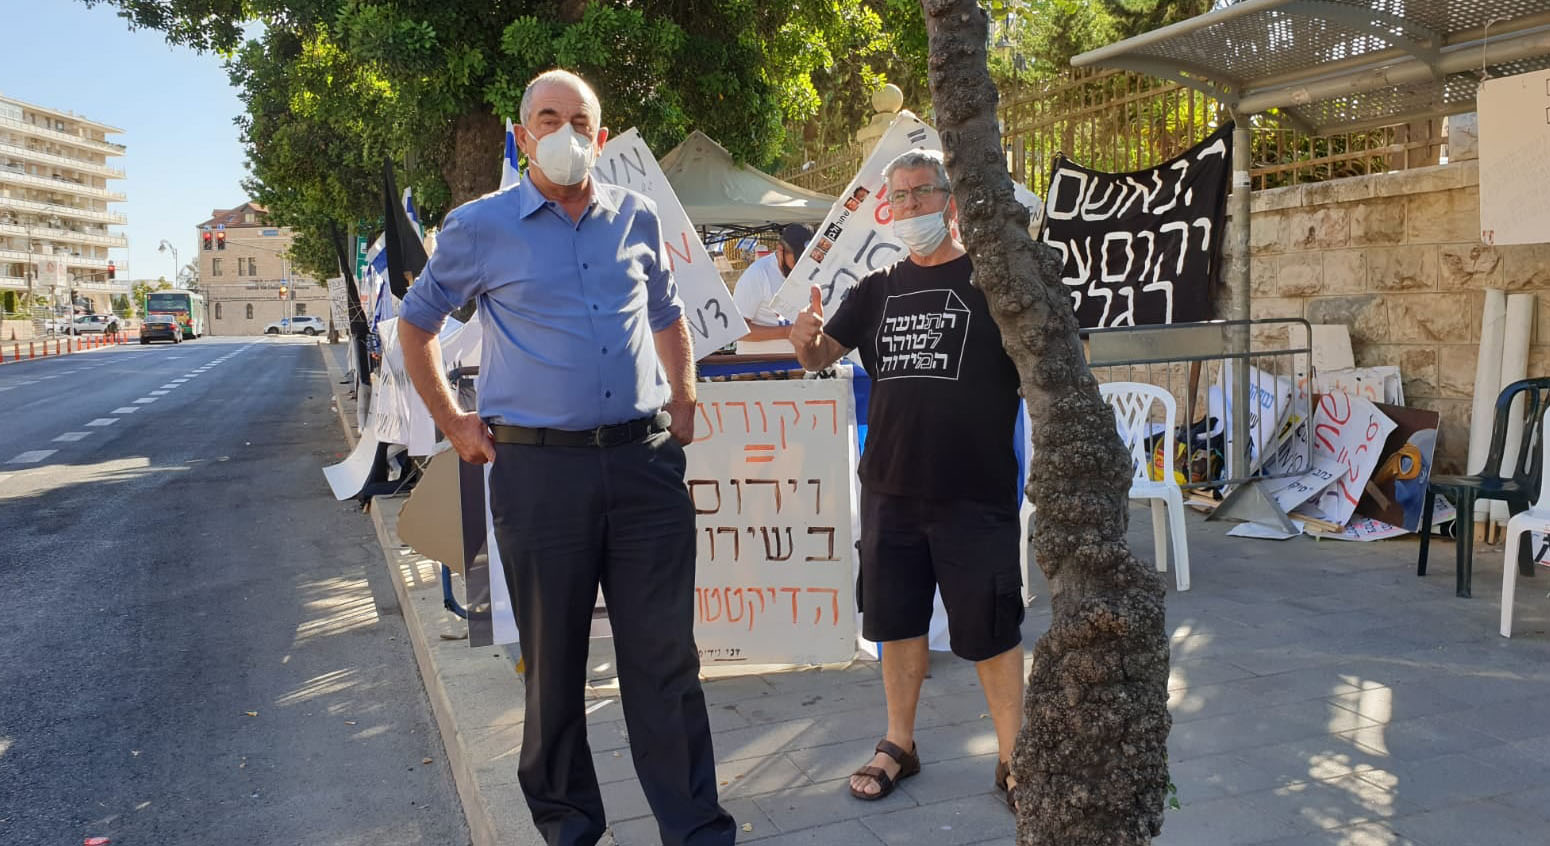 חבר המועצה יוסי חביליו באחת ההפגנות בבלפור (צילום: מתוך דף הפייסבוק של יוסי חביליו)